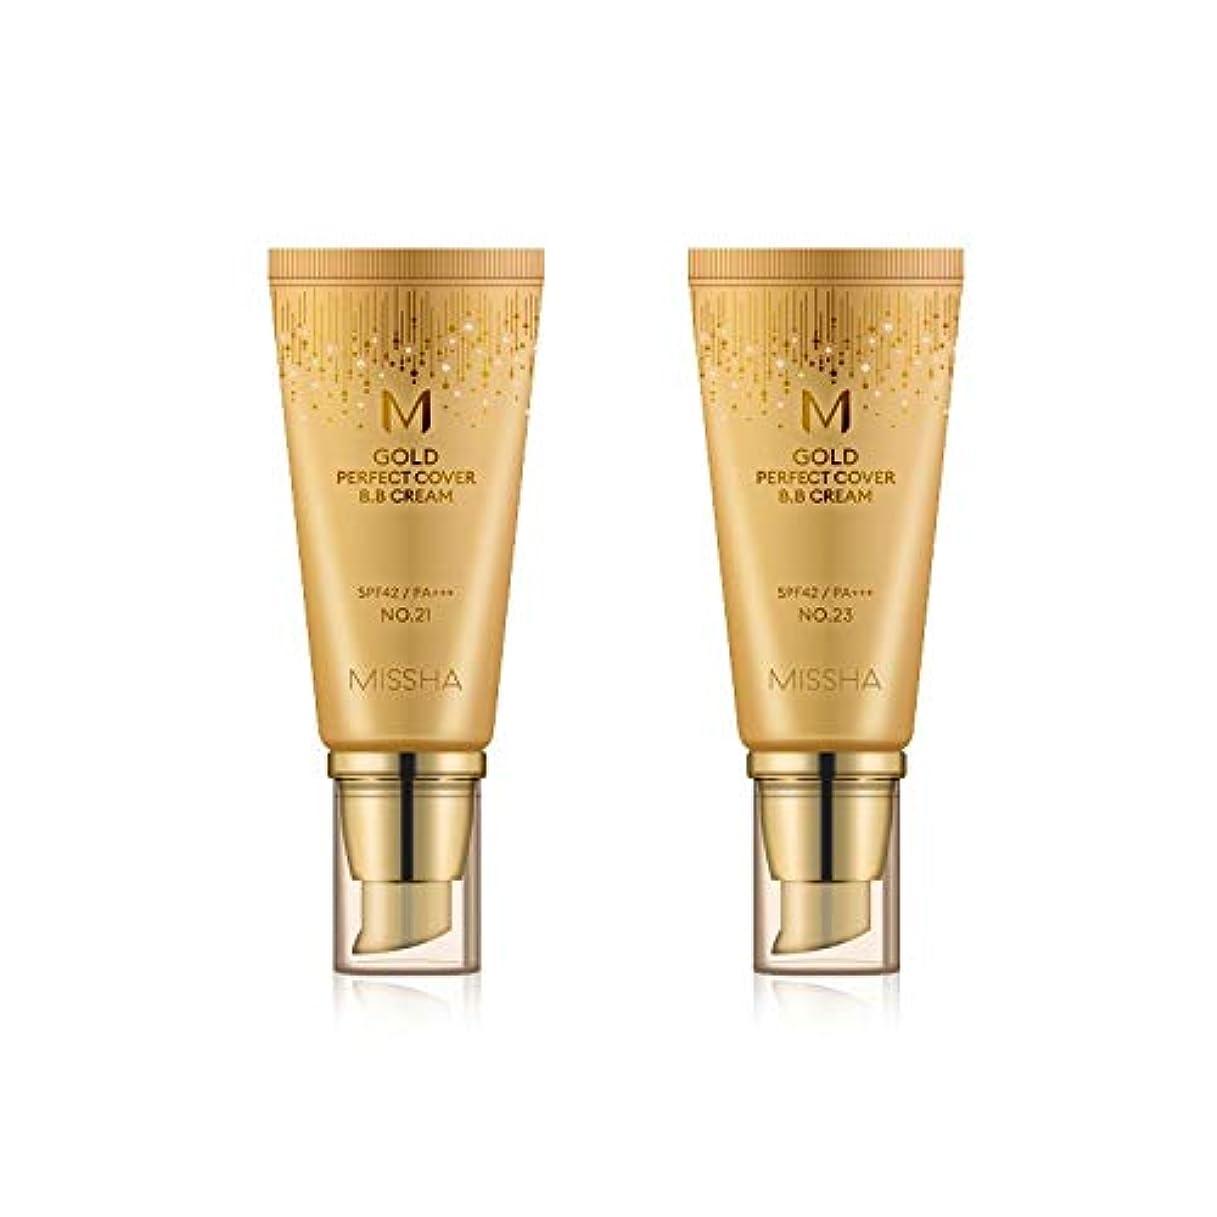 ハリウッドキルト急降下MISSHA Gold Perfecte Cover BB Cream SPF42 PA+++ / ミシャ ゴールド パーフェクト カバー BBクリーム 50ml *NO.23 [並行輸入品]